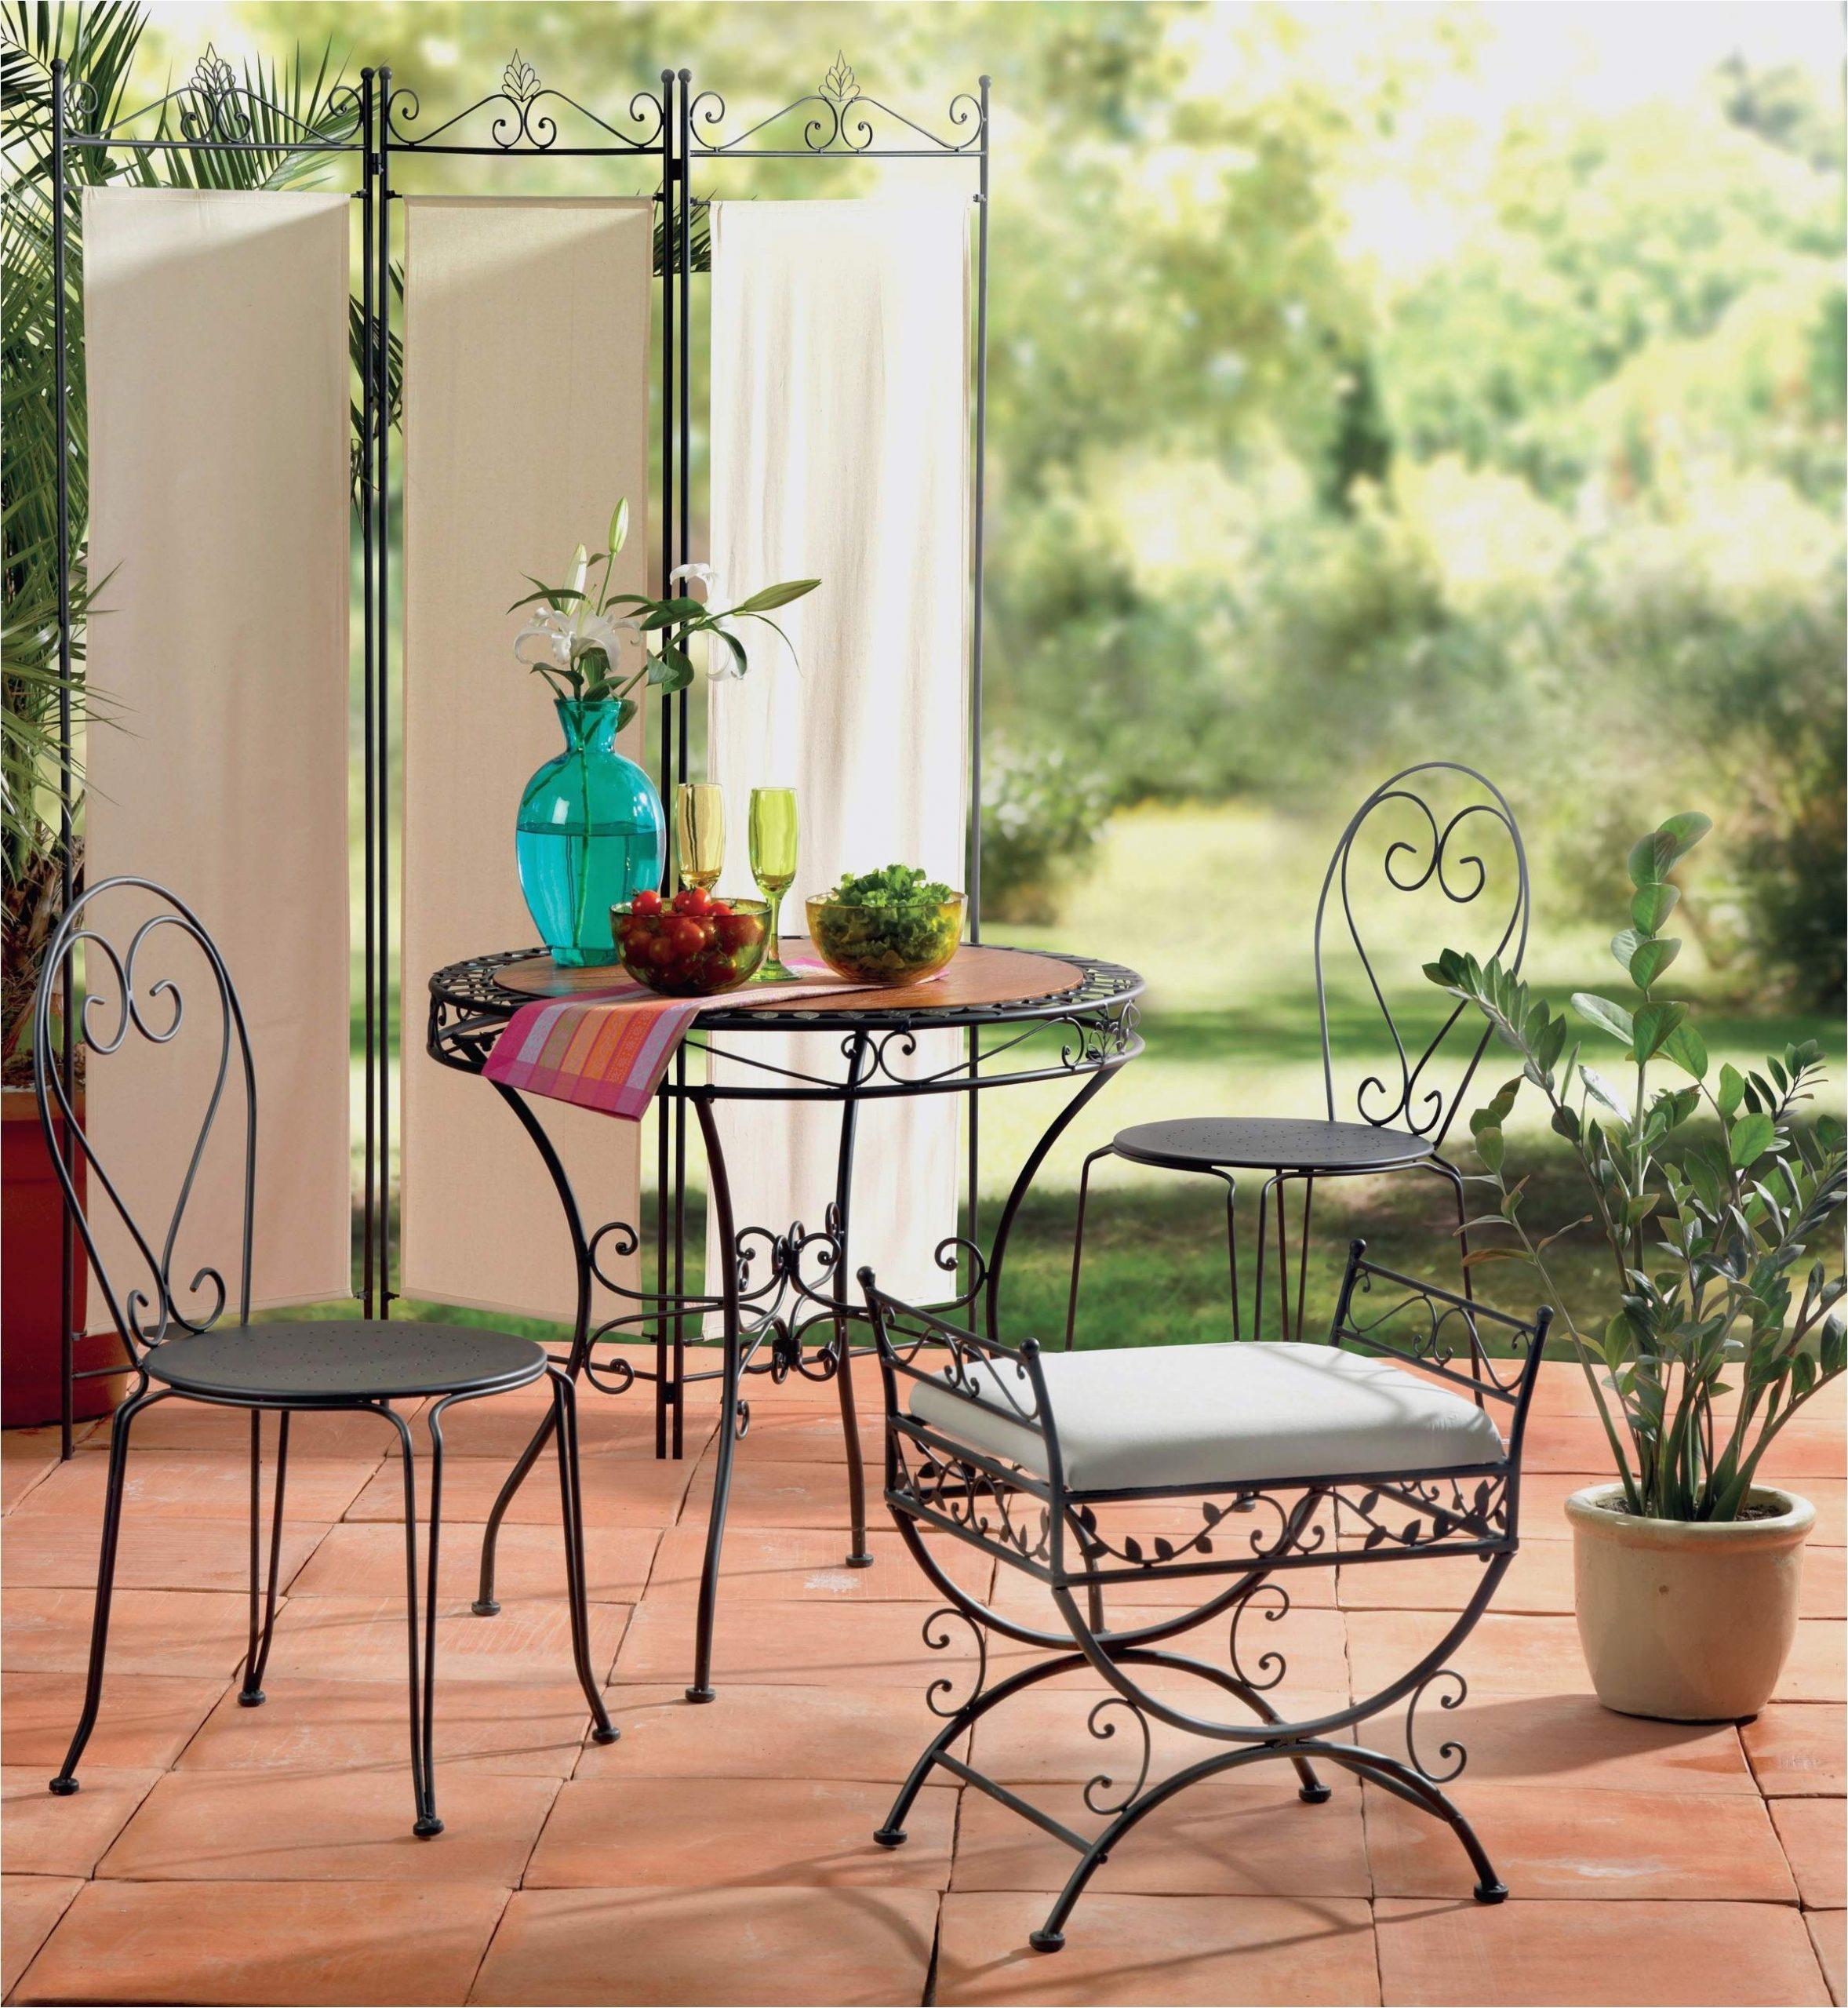 Housse De Couettecentrakor Couetteelégant Centrakor Couette ... concernant Table De Jardin Centrakor